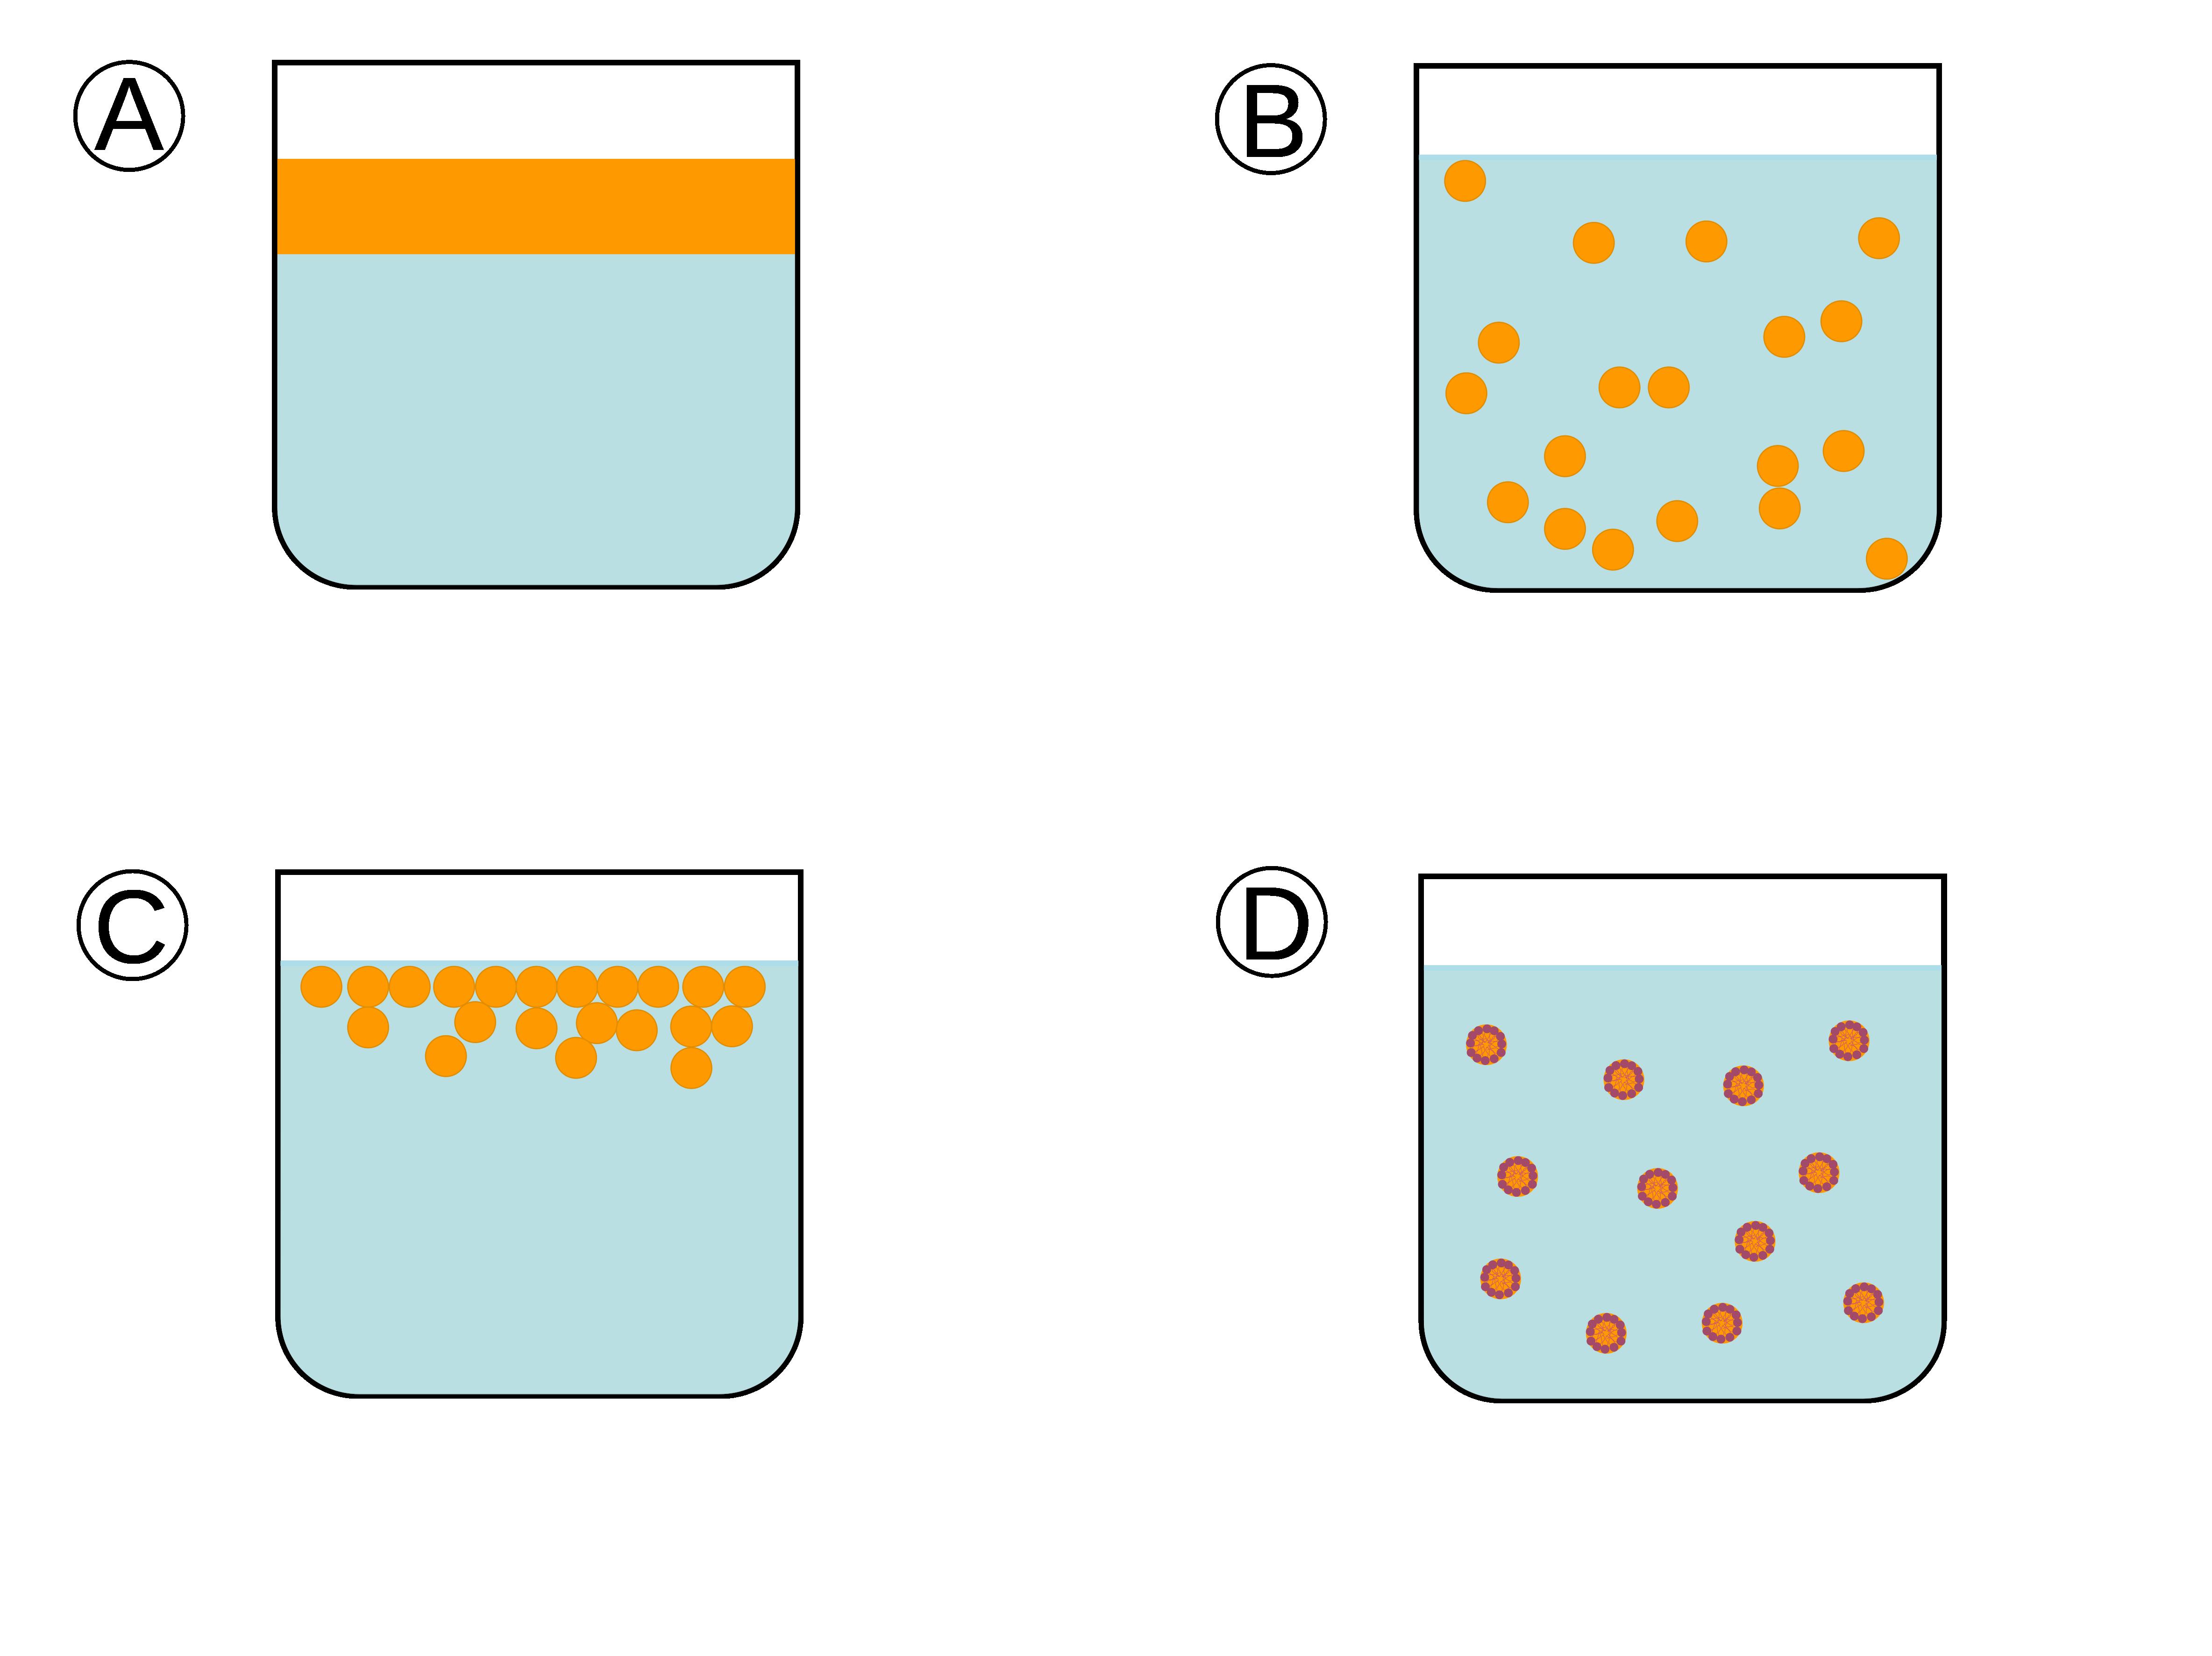 Skissen viser snitt av fire ulike beholdere med olje i vann. A viser olje som flyter på vann. B viser en emulsjon av olje og vann. C viser separasjonsfasen der oljedråpene samles på toppen av vannet. D viser olje som holdes i vann ved hjelp av en emulgator. Illustrasjon.